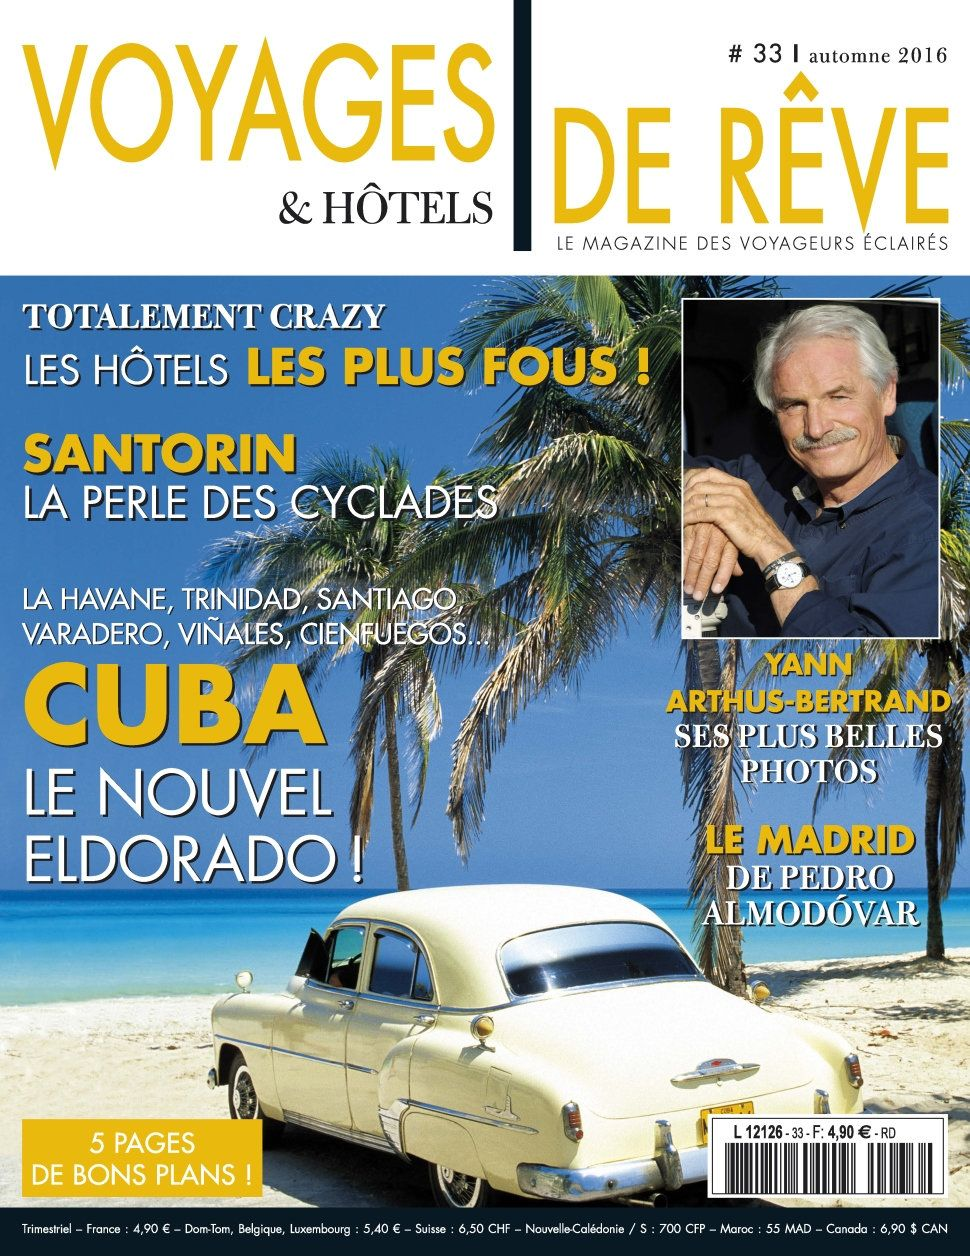 Voyages & Hôtels de Rêve 33 - Automne 2016